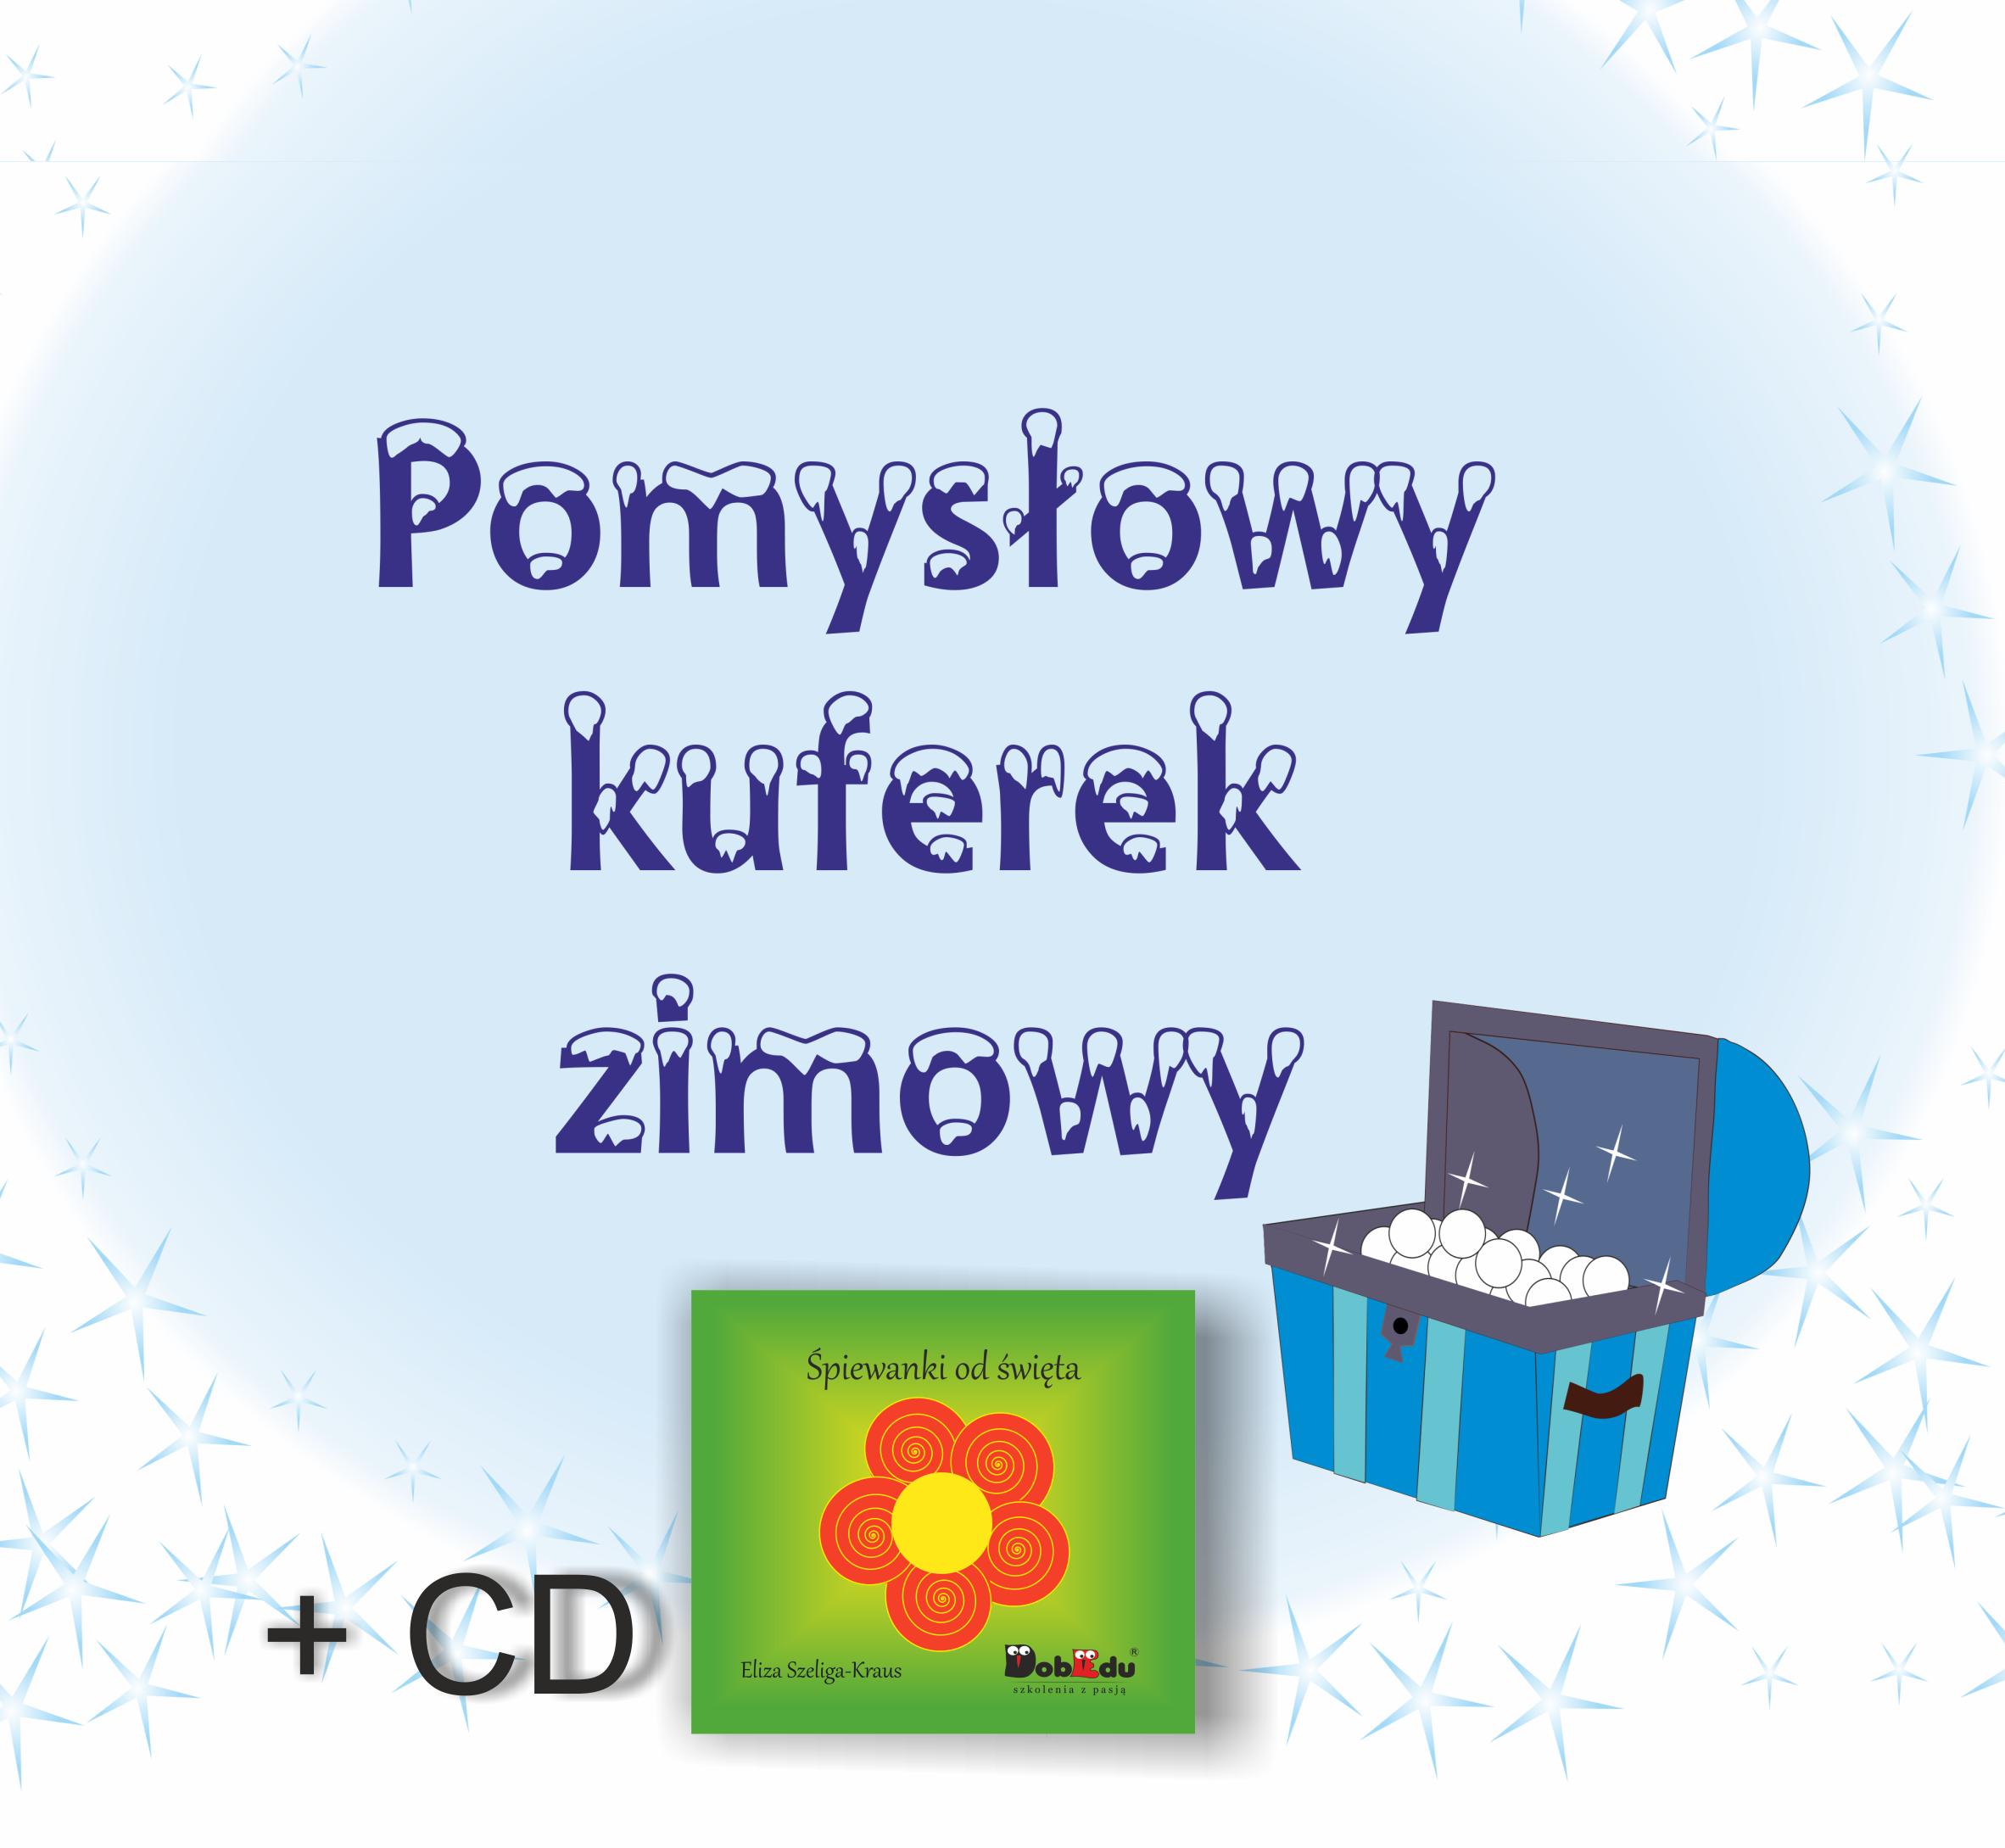 Pomysłowy kuferek zimowy (e-szkolenie z płytą CD)